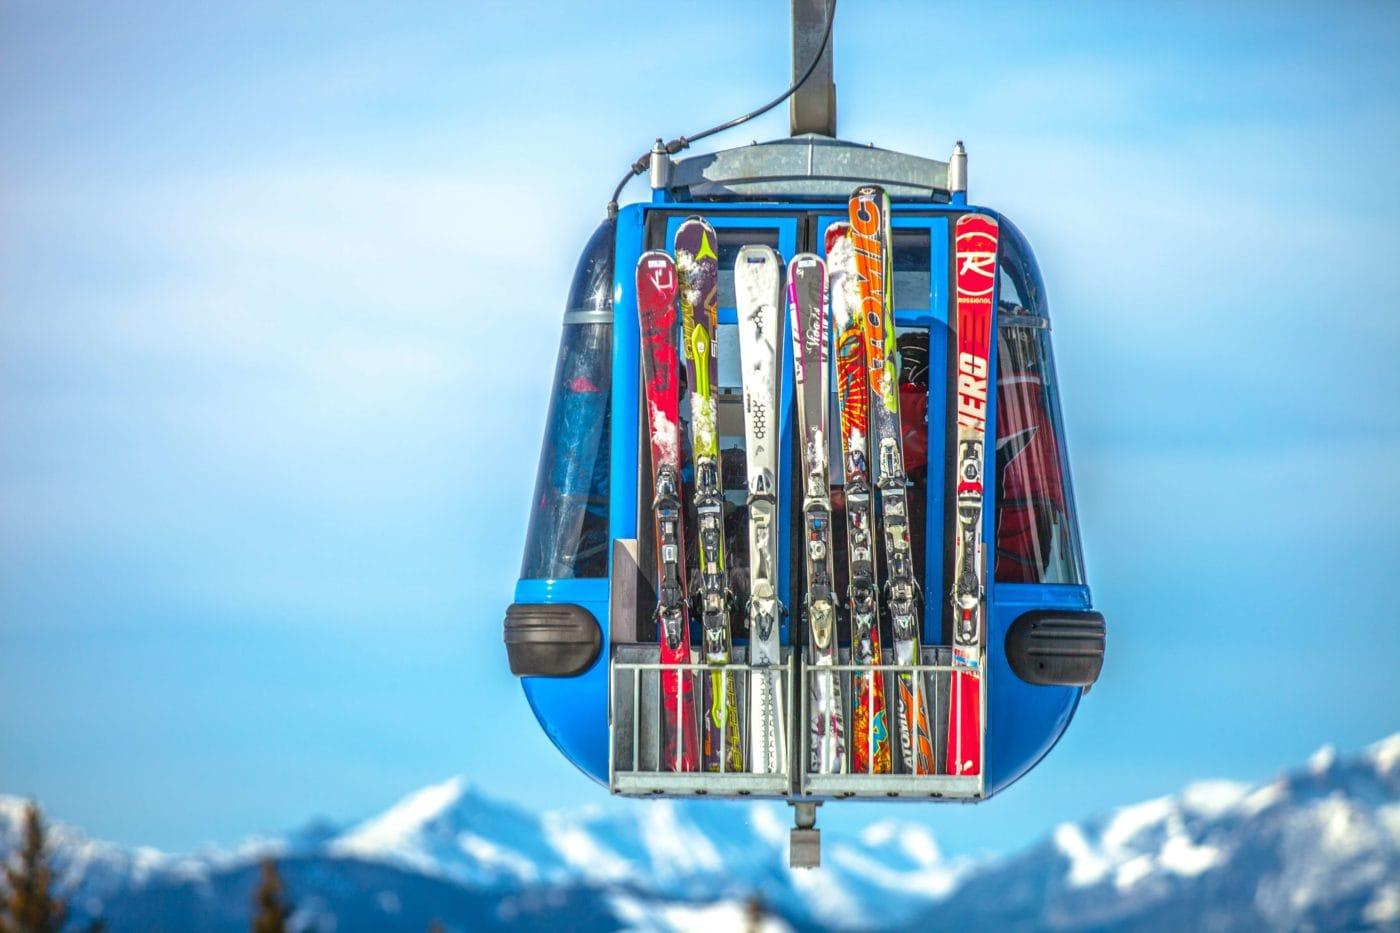 Postcard from Austria: Ski lift iN Zell am Ziller